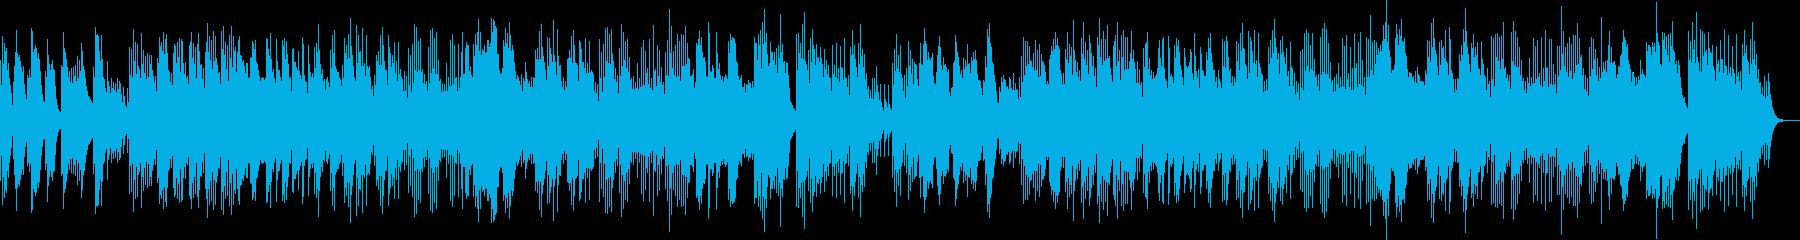 静かな切ない感動バラードベルソングの再生済みの波形